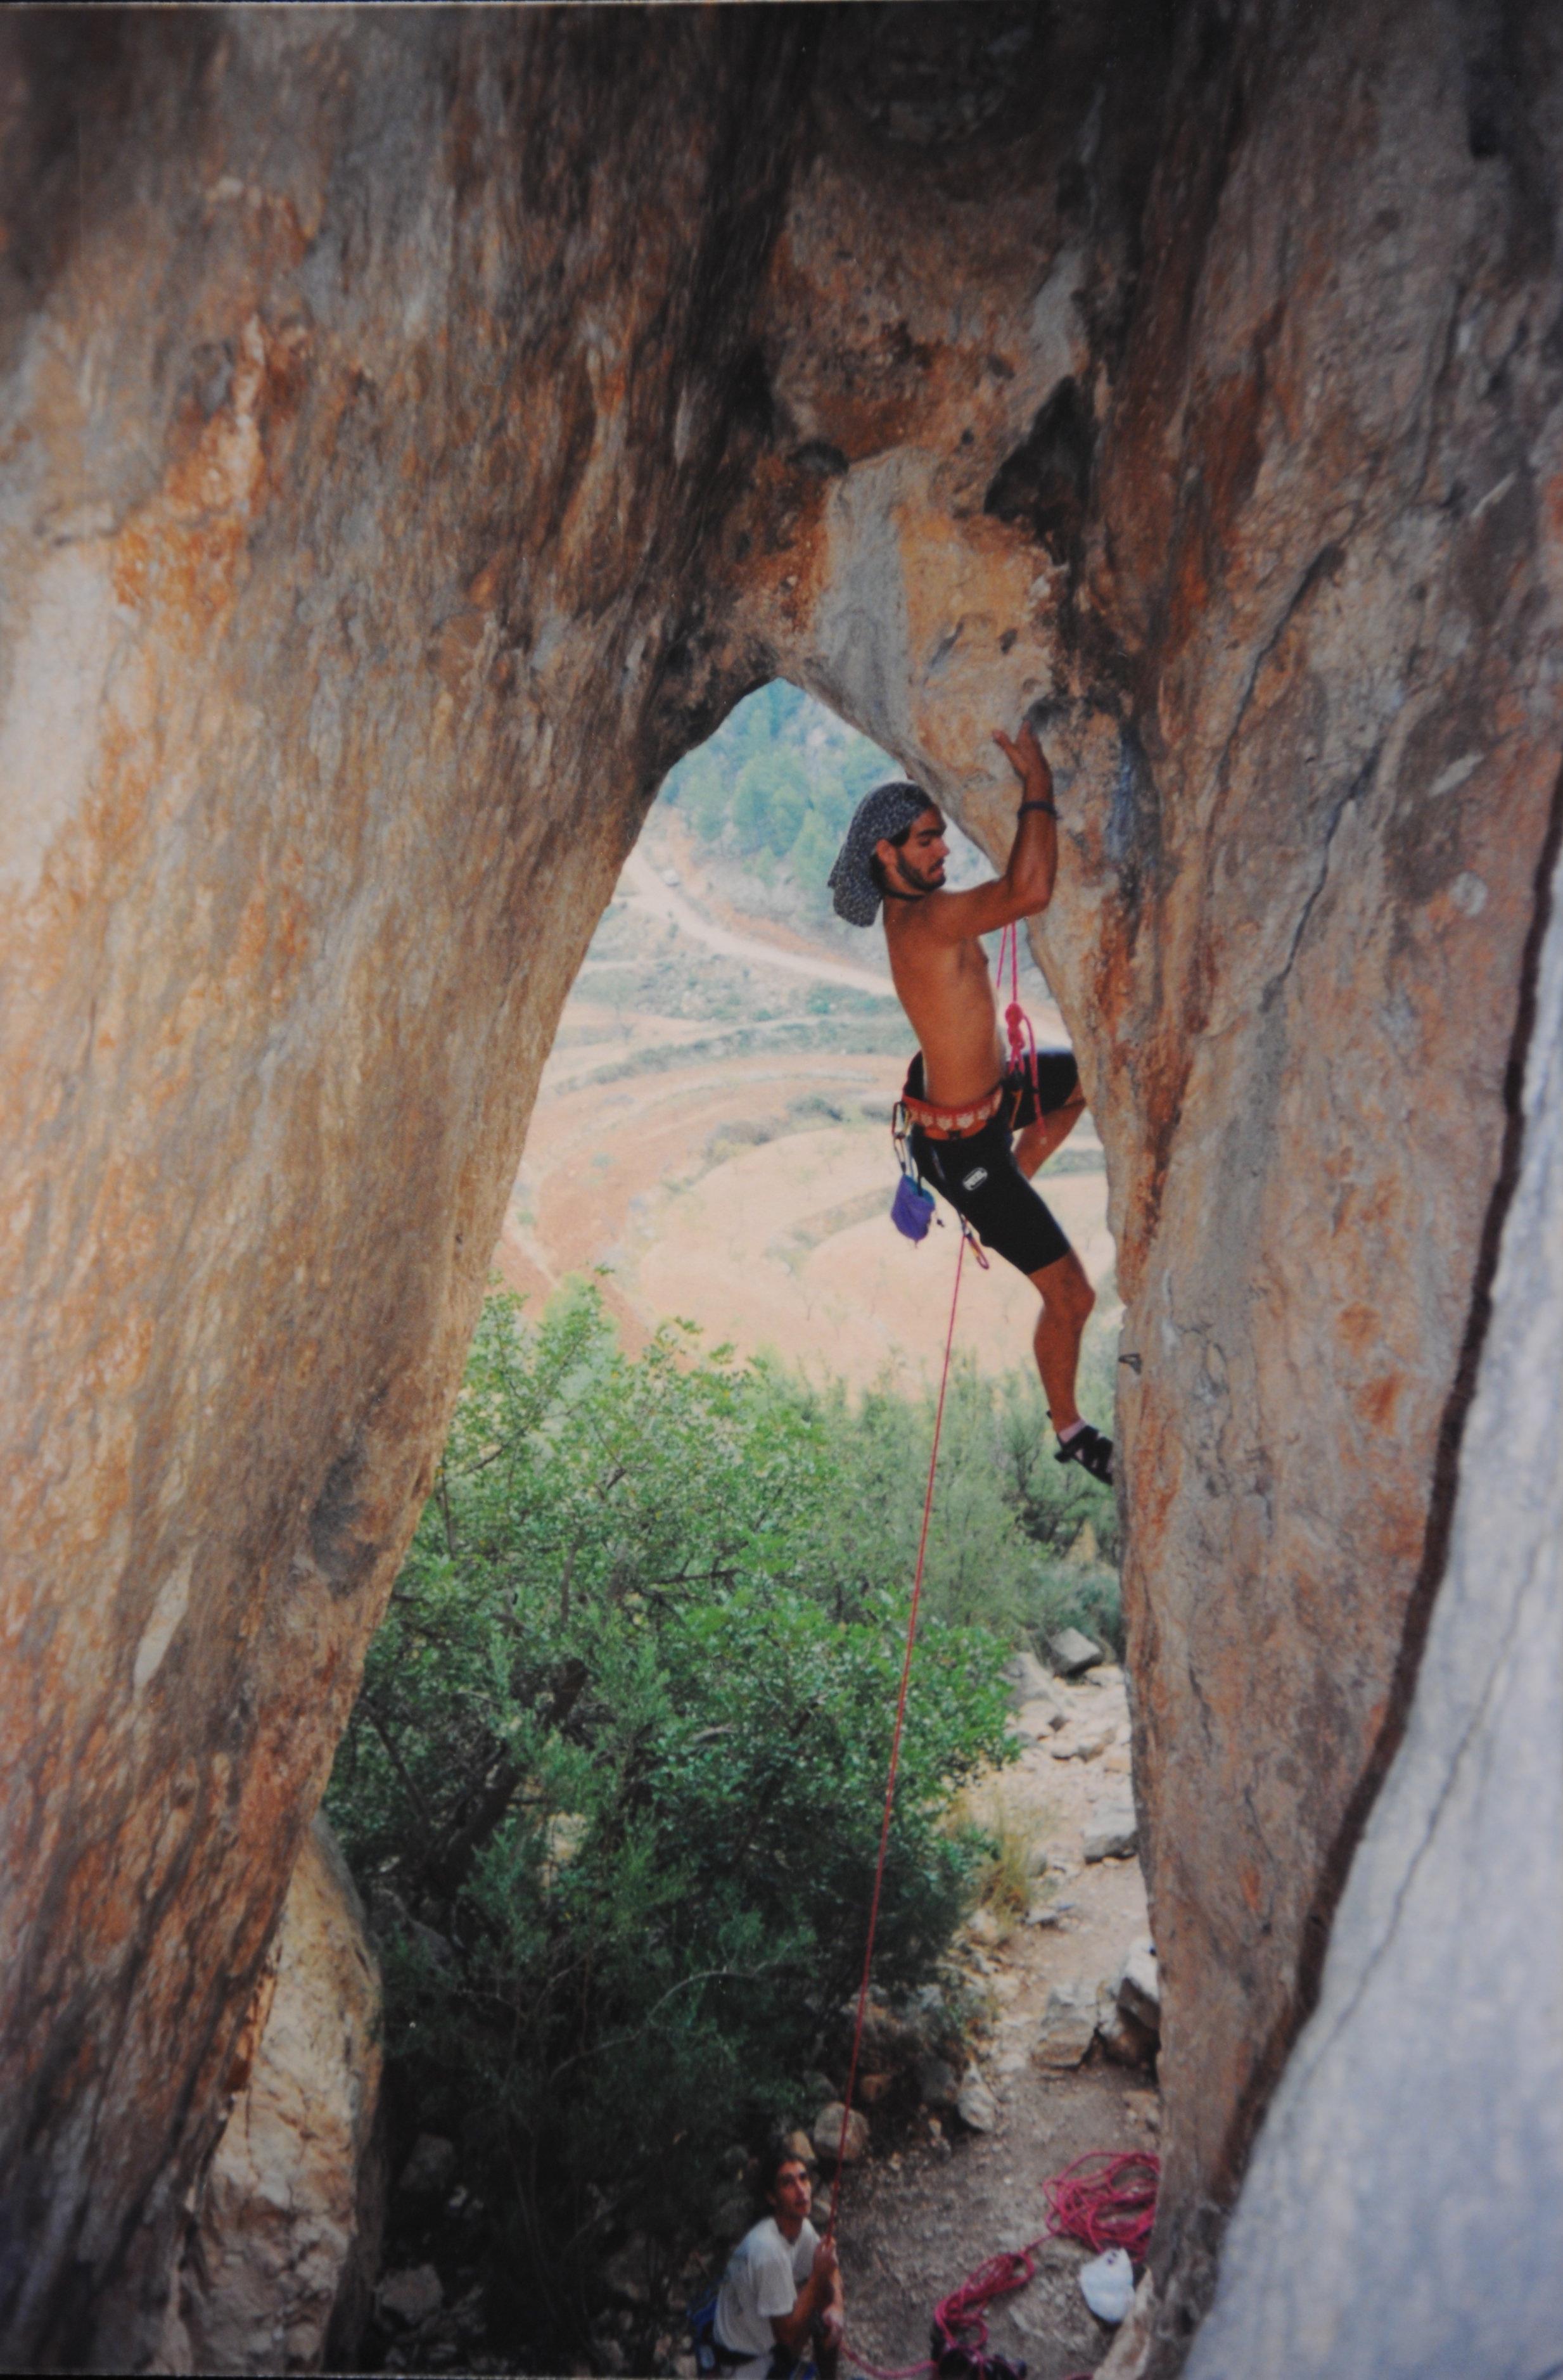 """Alex in the classic """"Ojo de Odra"""" route in Sella (Alicante, Spain, 1995)"""